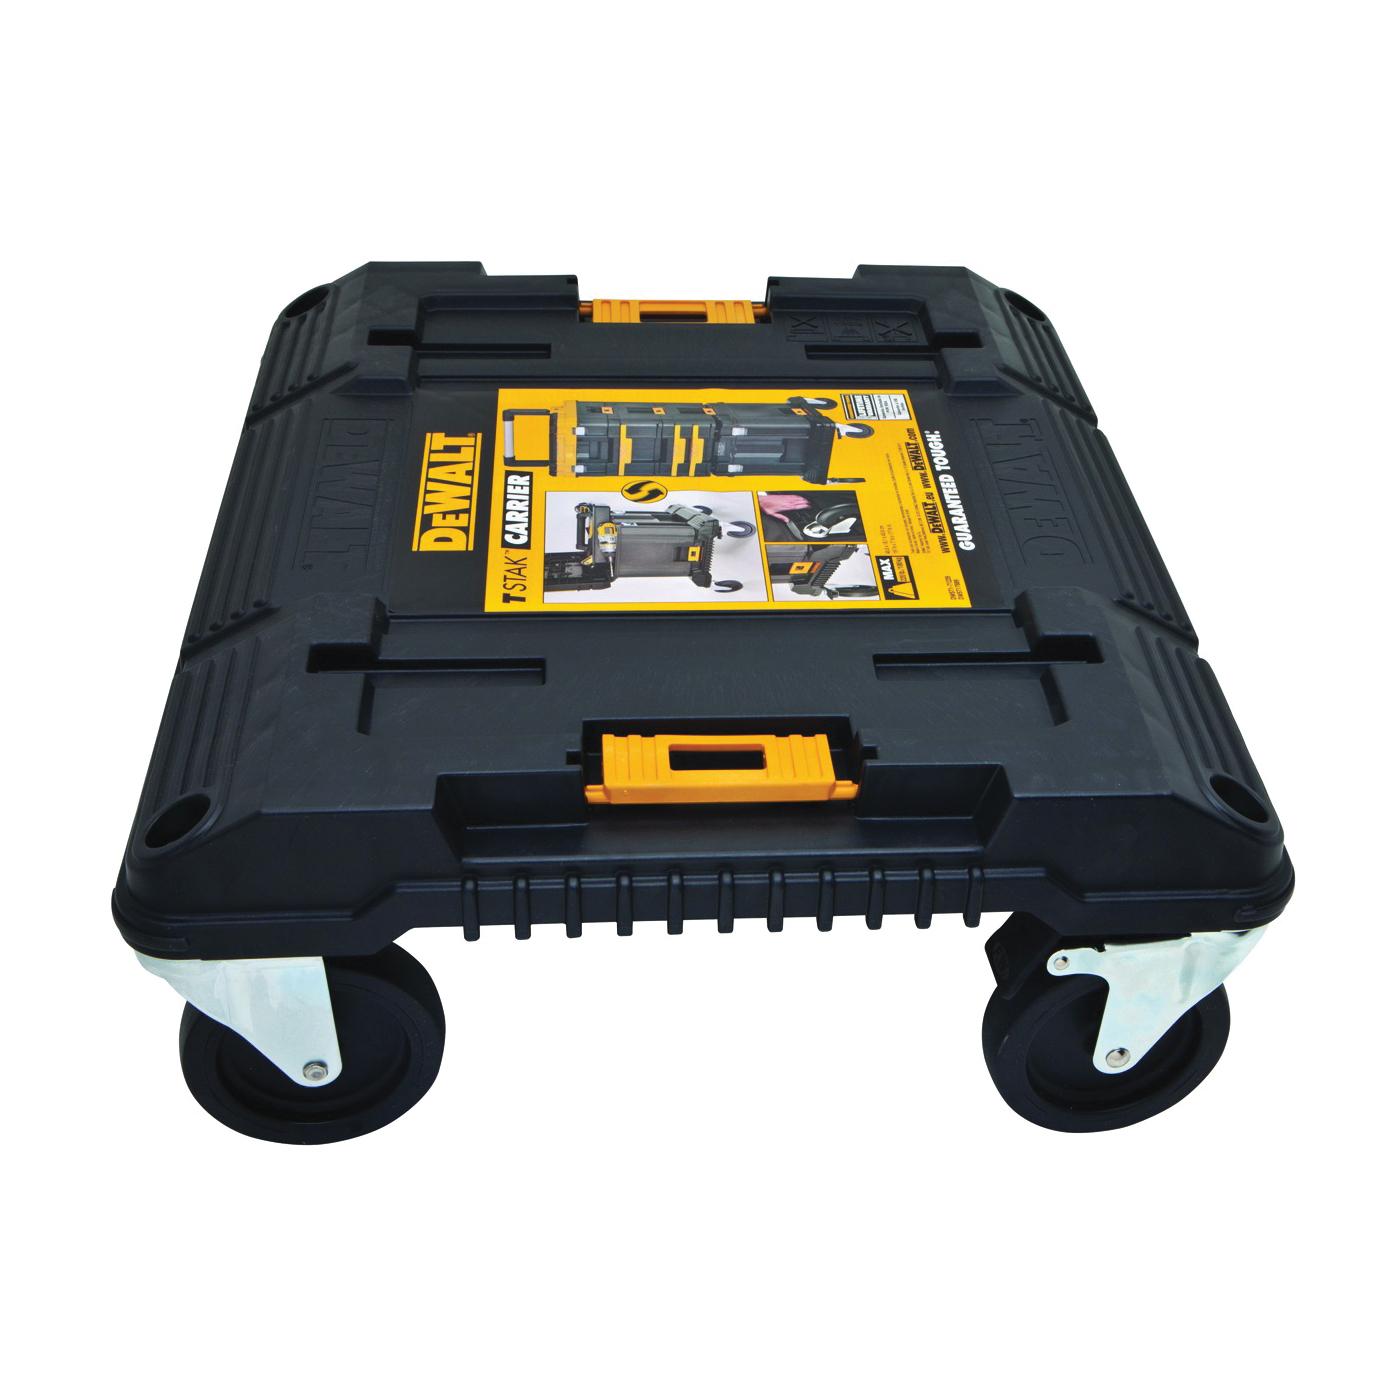 Picture of DeWALT TSTAK Series DWST17889 Tool Cart, 210 lb, 16.96 in OAW, 7.02 in OAH, 18.91 in OAD, Plastic, Black